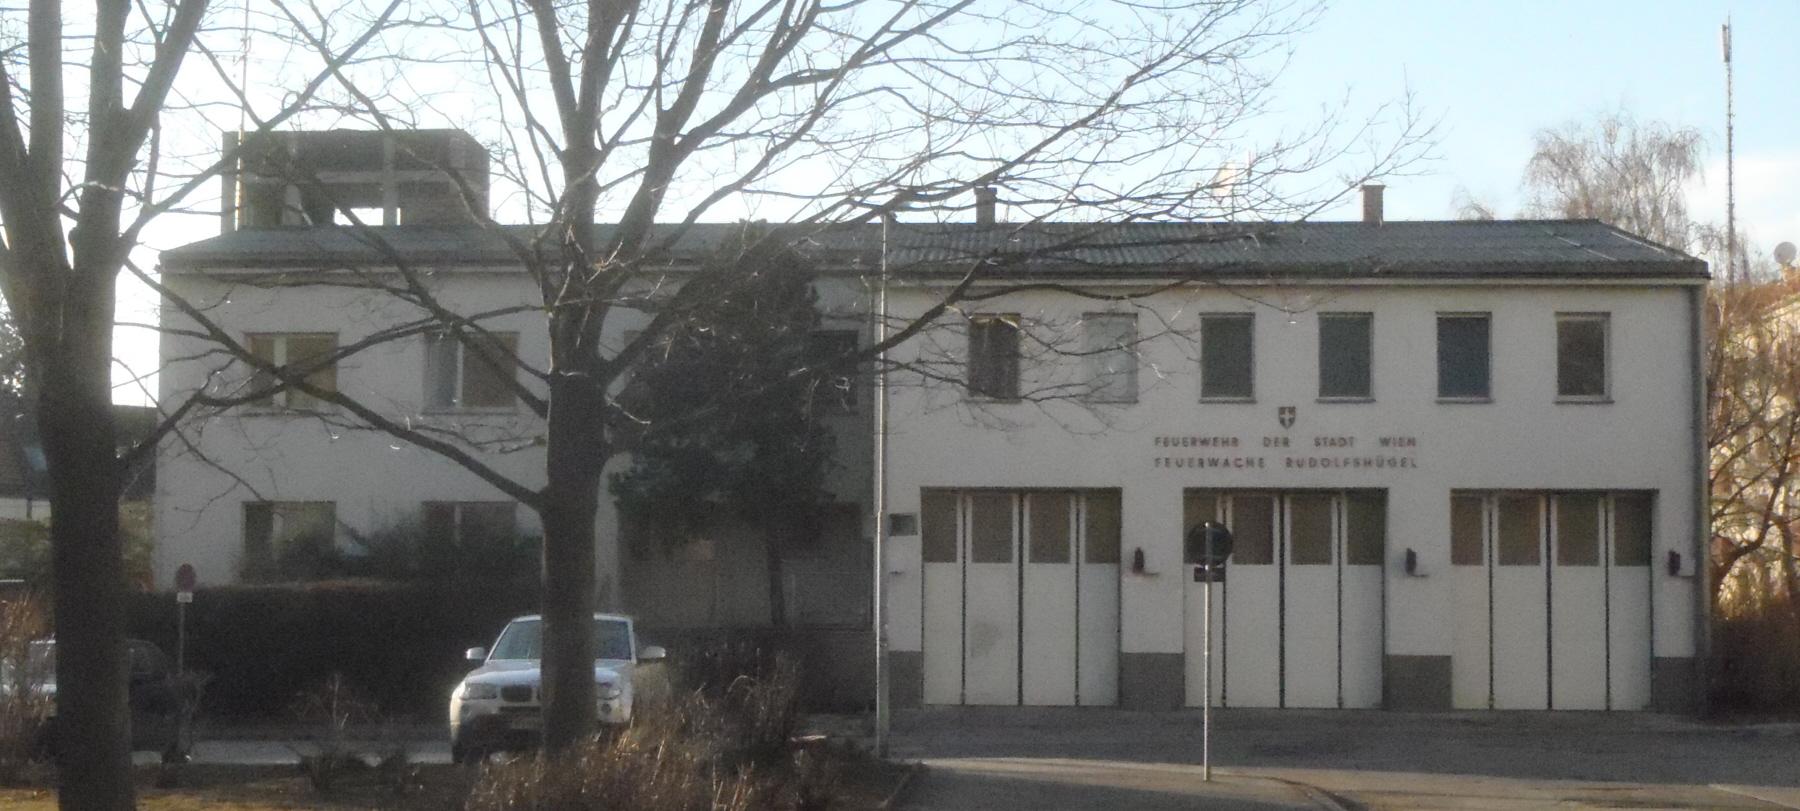 GuentherZ 2012-02-21 2210448 Wien10 Feuerwache Rudolfshuegel.jpg